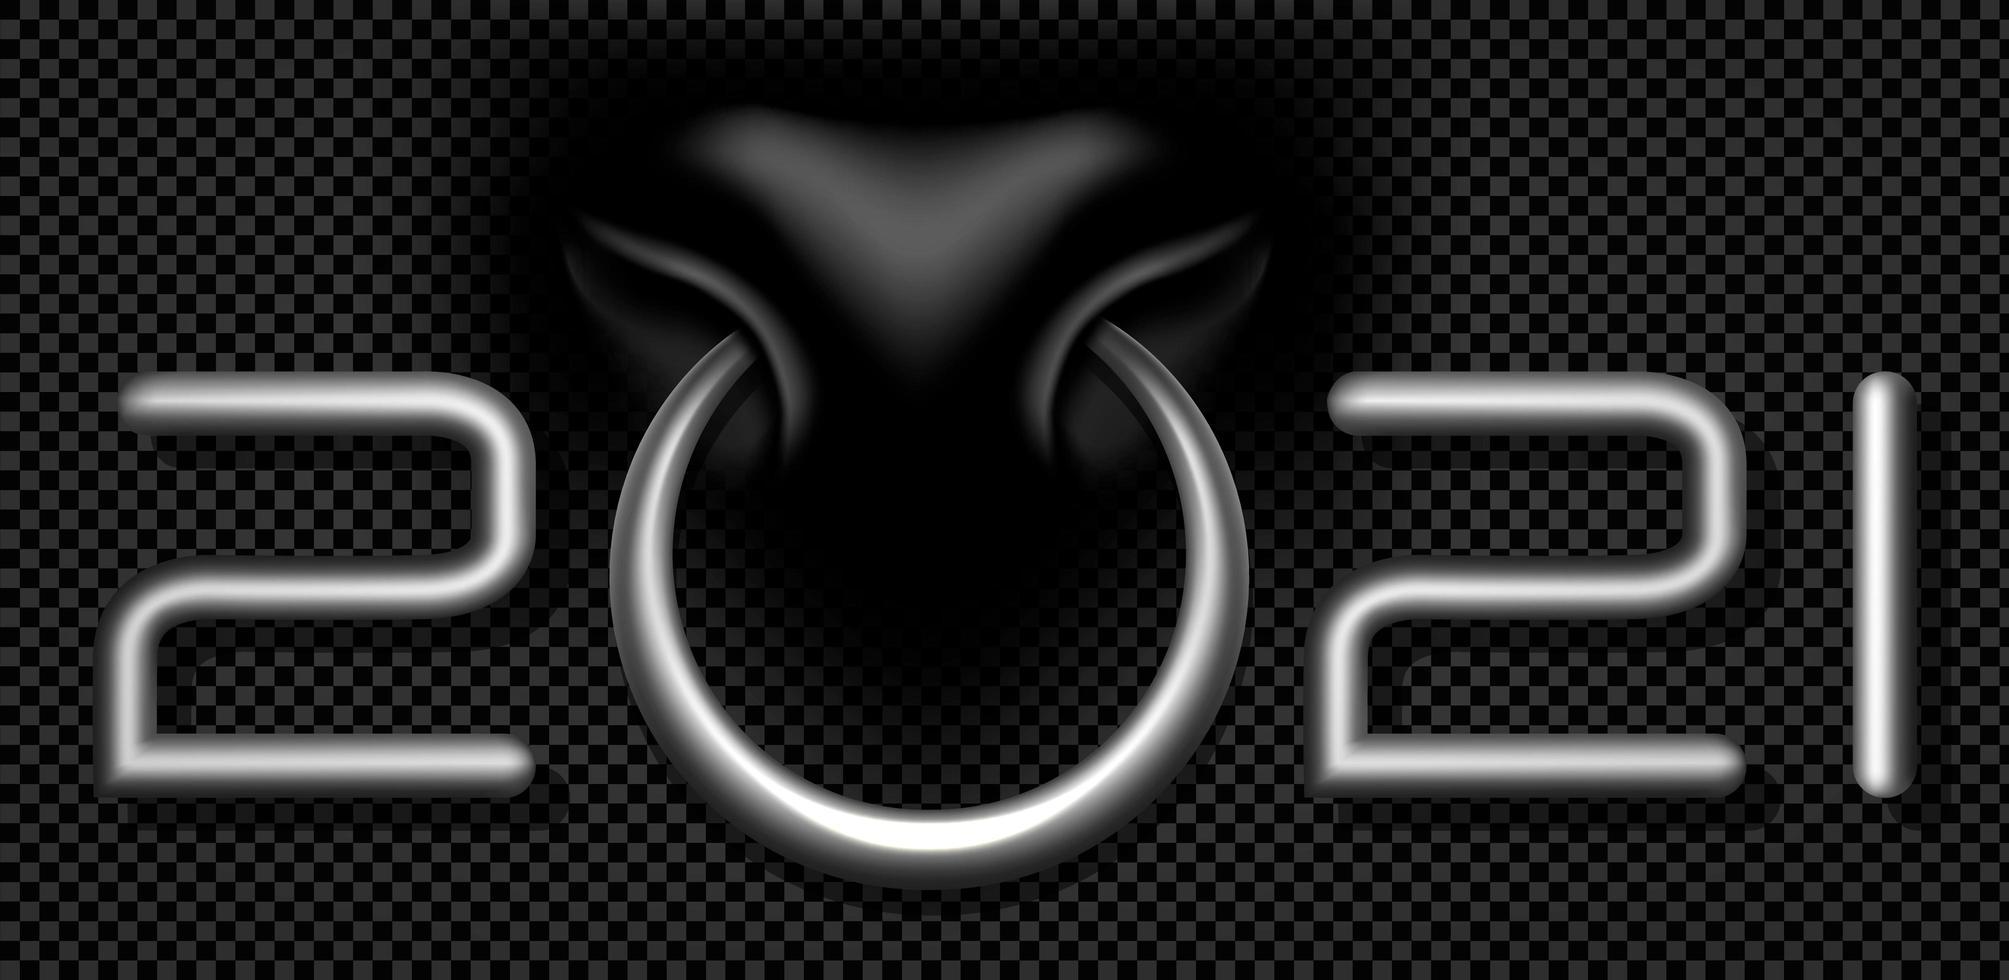 tjurring 2021 silver typografi design vektor